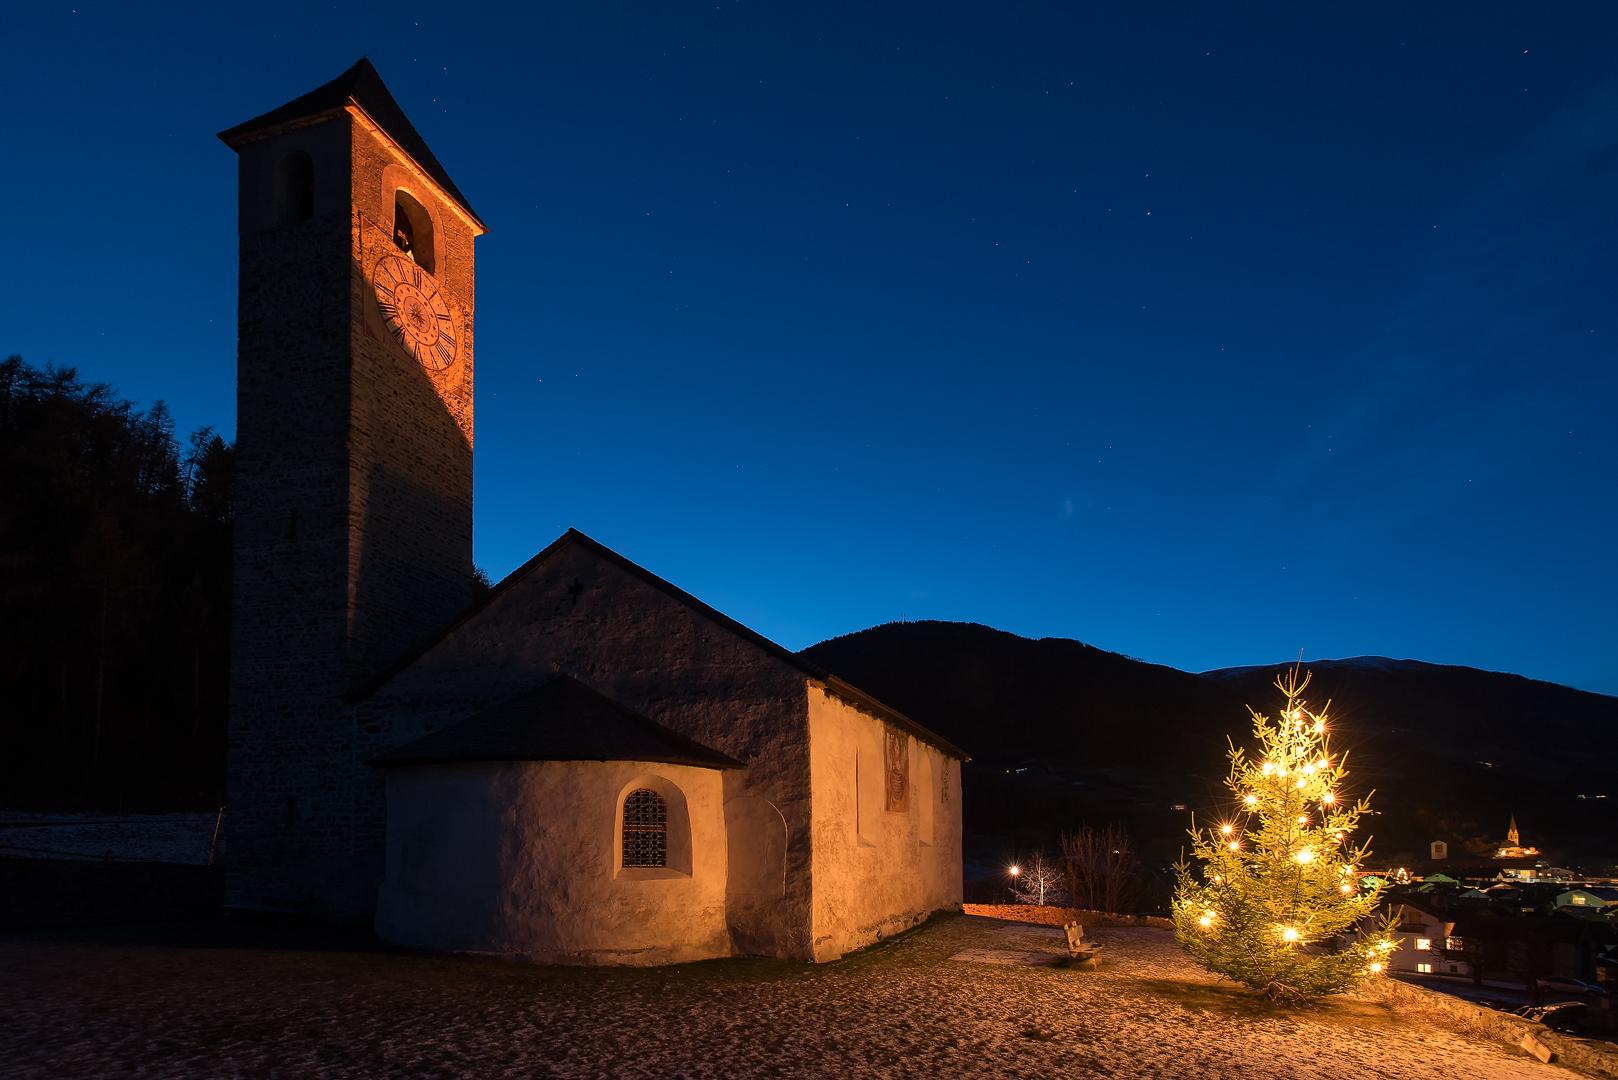 stille nacht foto bild weihnachten italy kirche. Black Bedroom Furniture Sets. Home Design Ideas